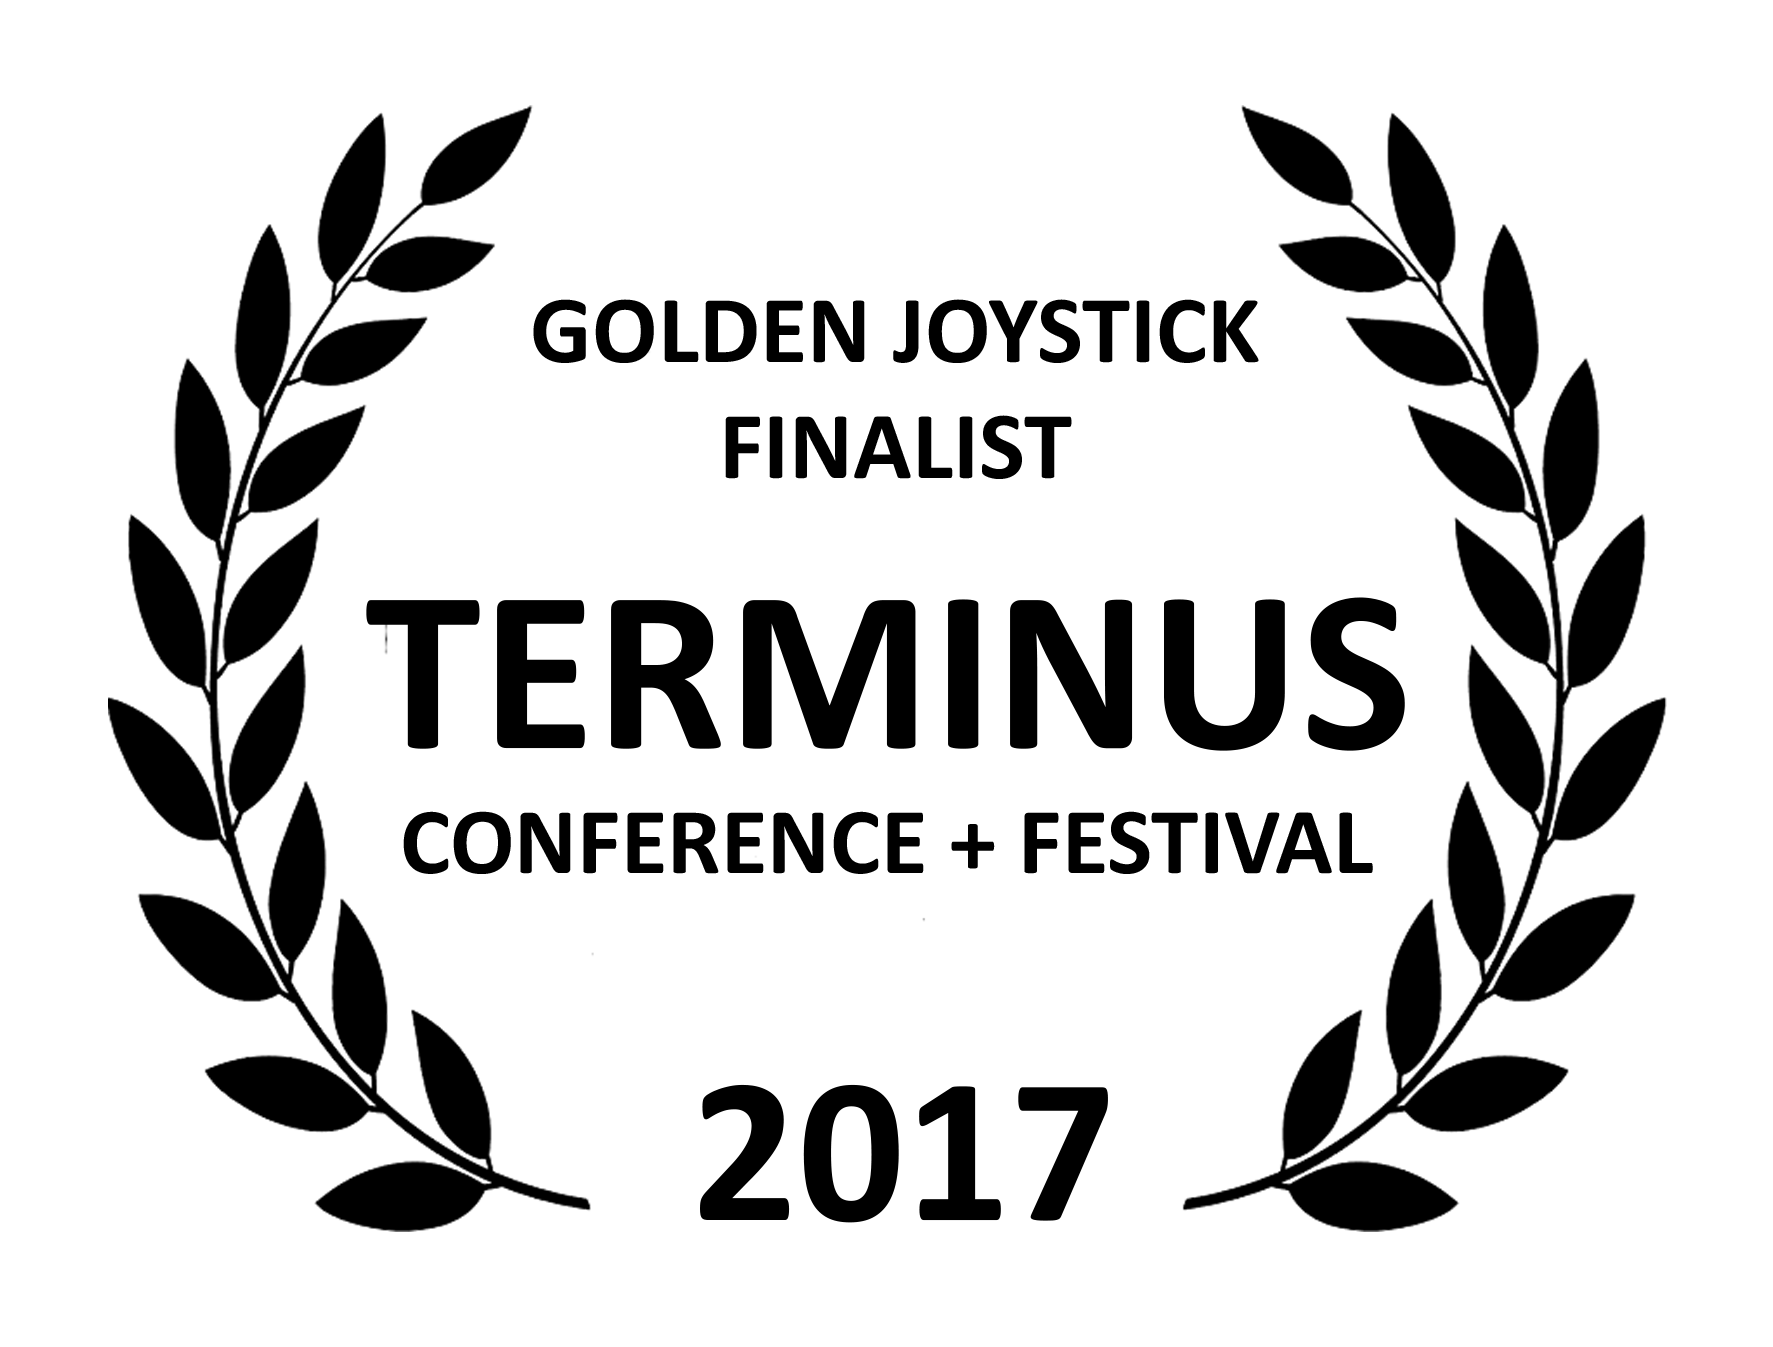 Award-PNG-Transparent-Image 1.png